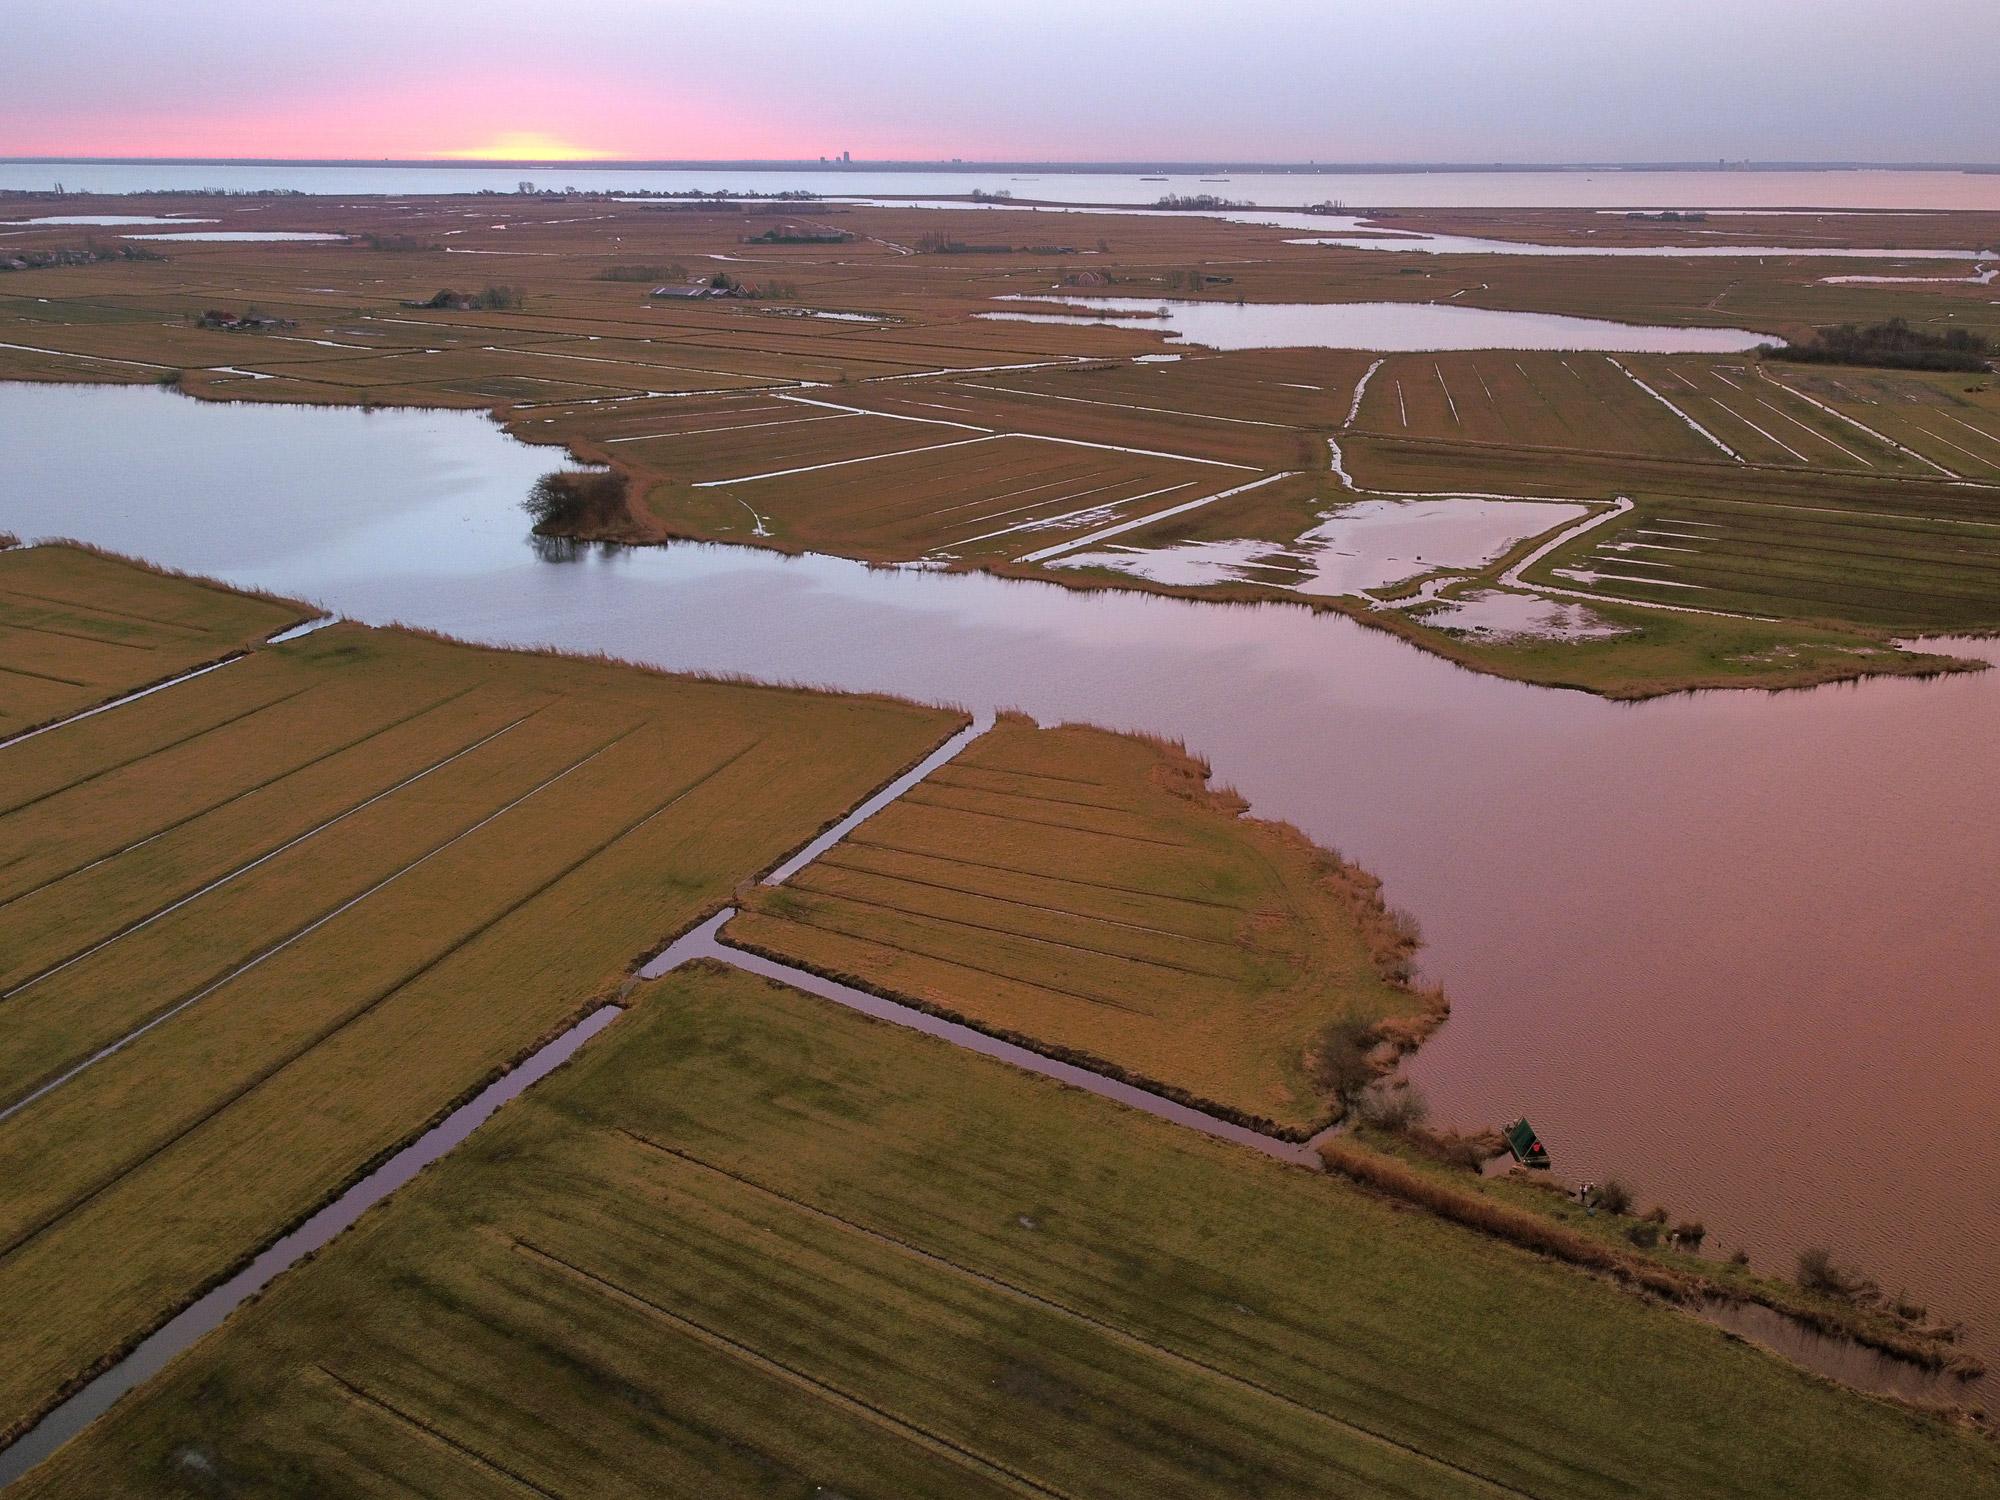 Janna - Drone zonsopkomst kampeervlot in Waterland